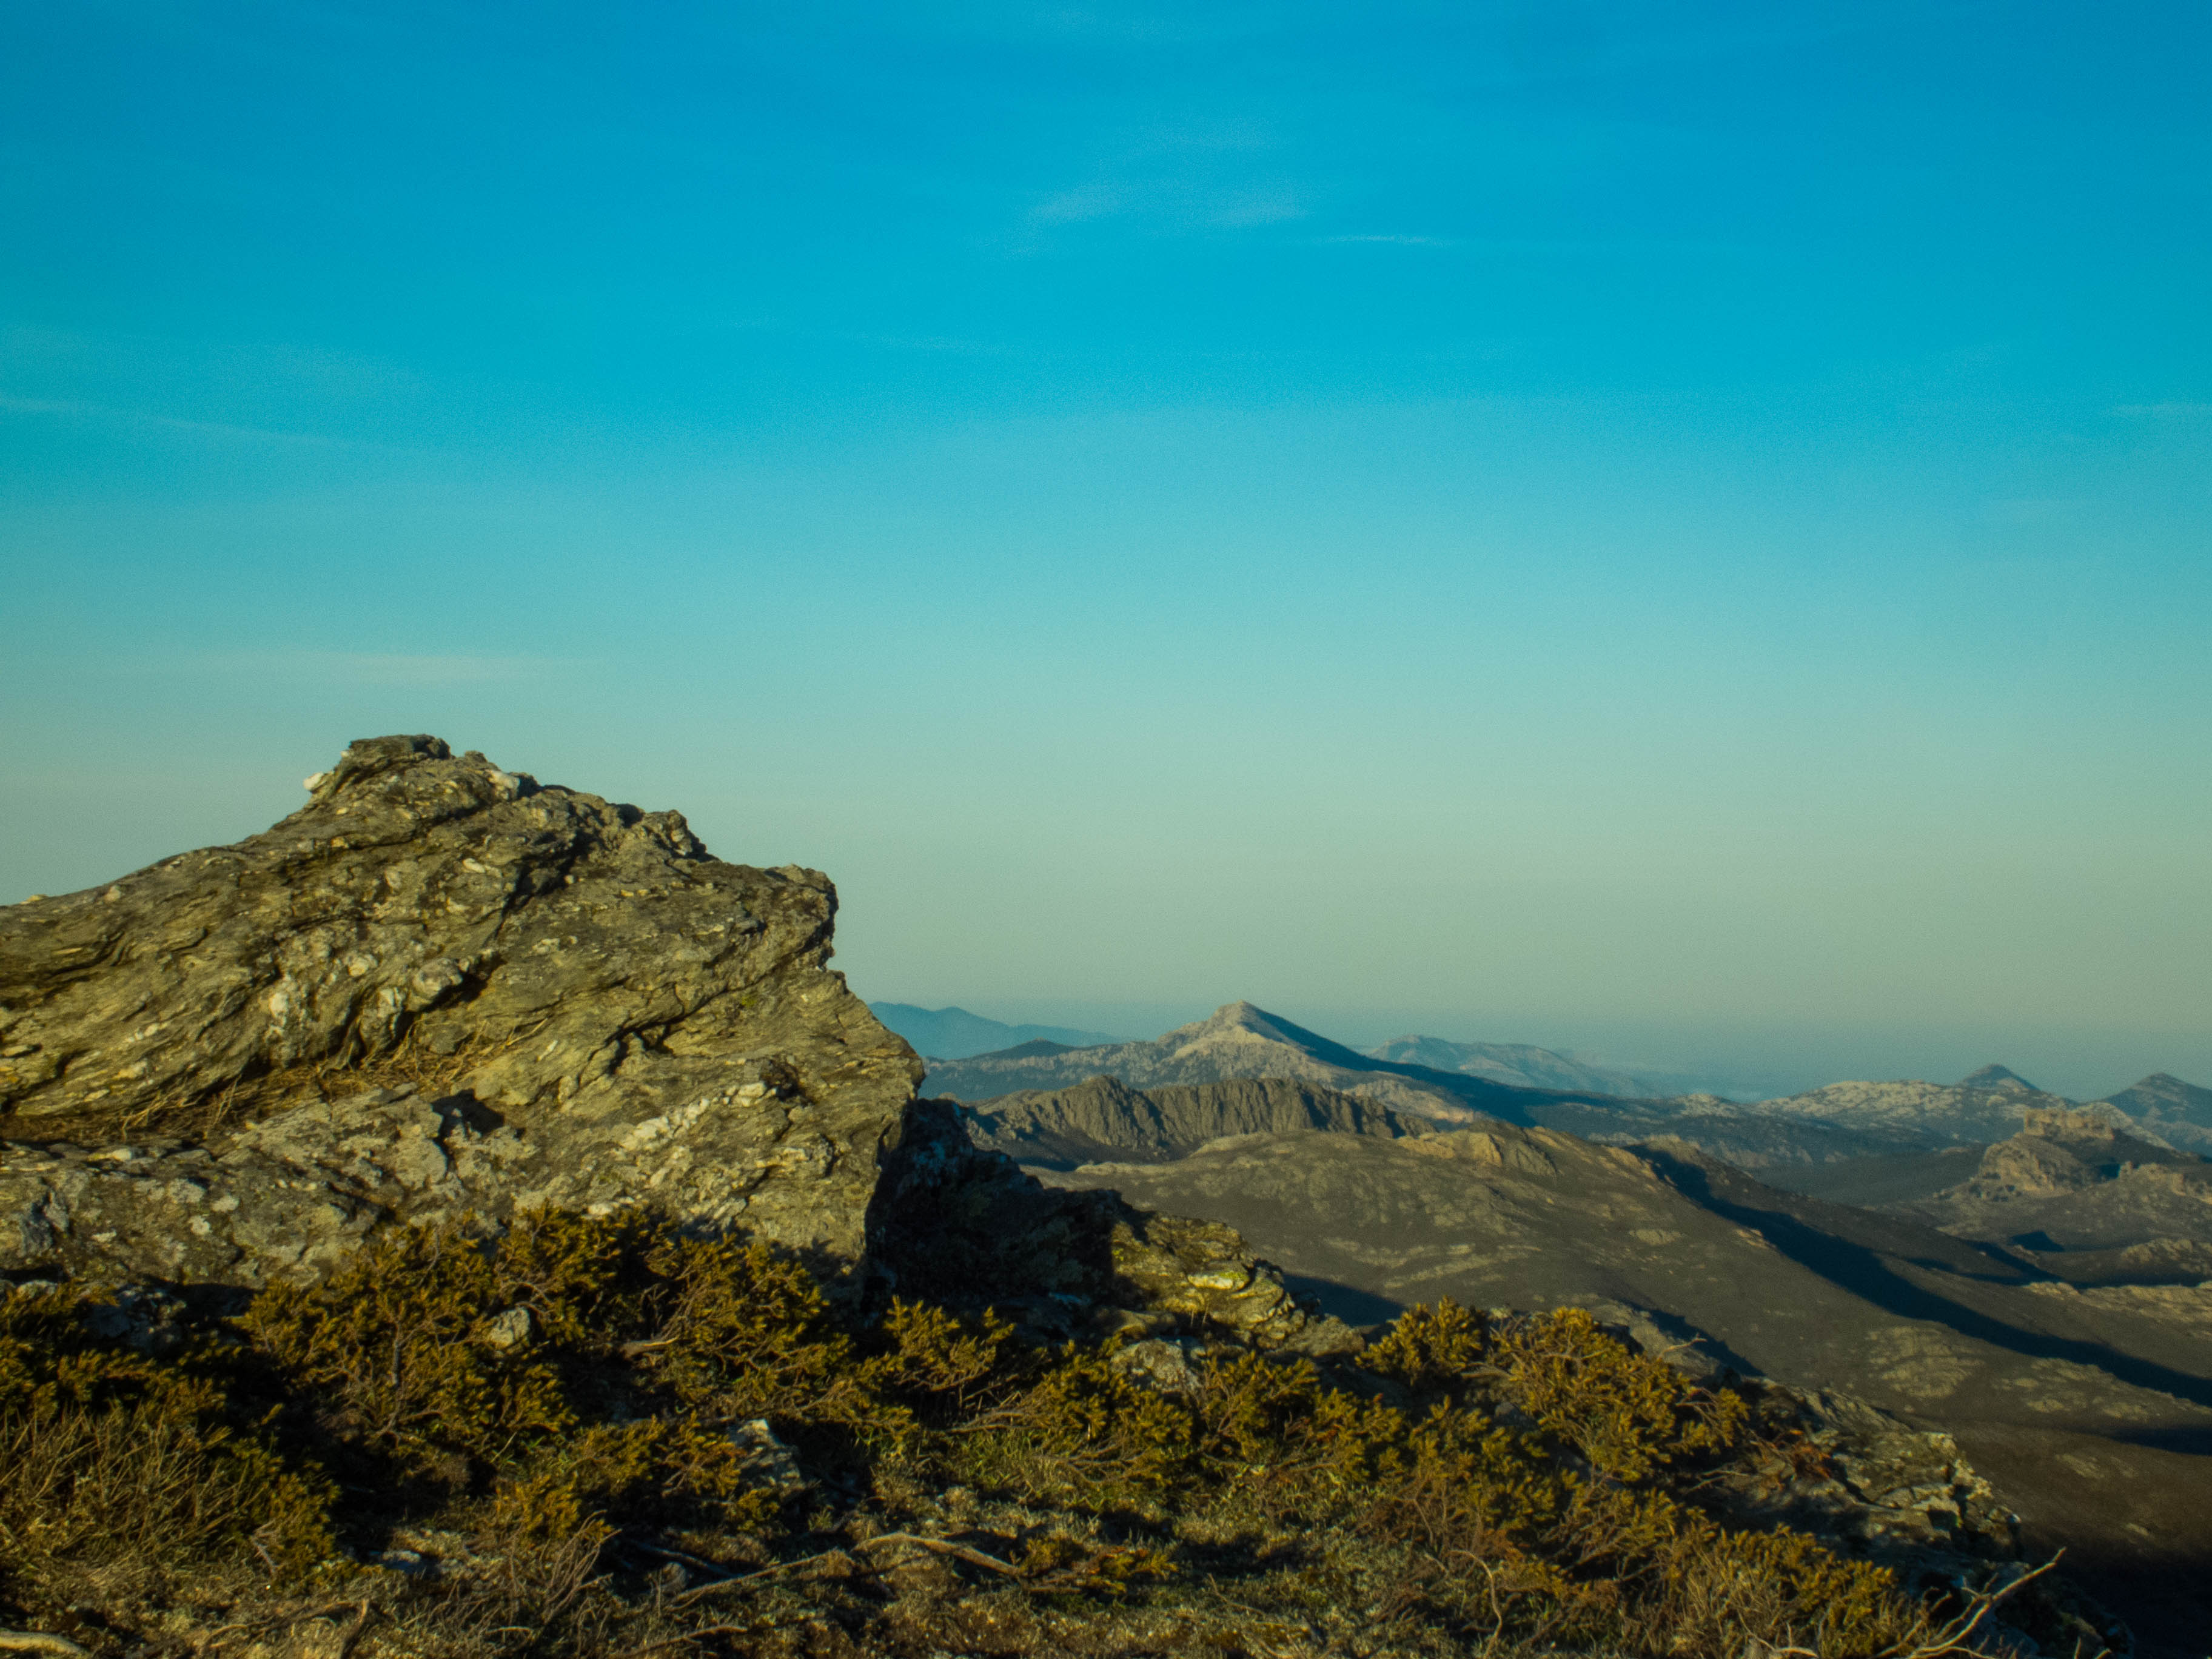 Un particolare del Corrasi e sulla destra si scorge il torrione calcareo di Monte Novo San Giovanni.